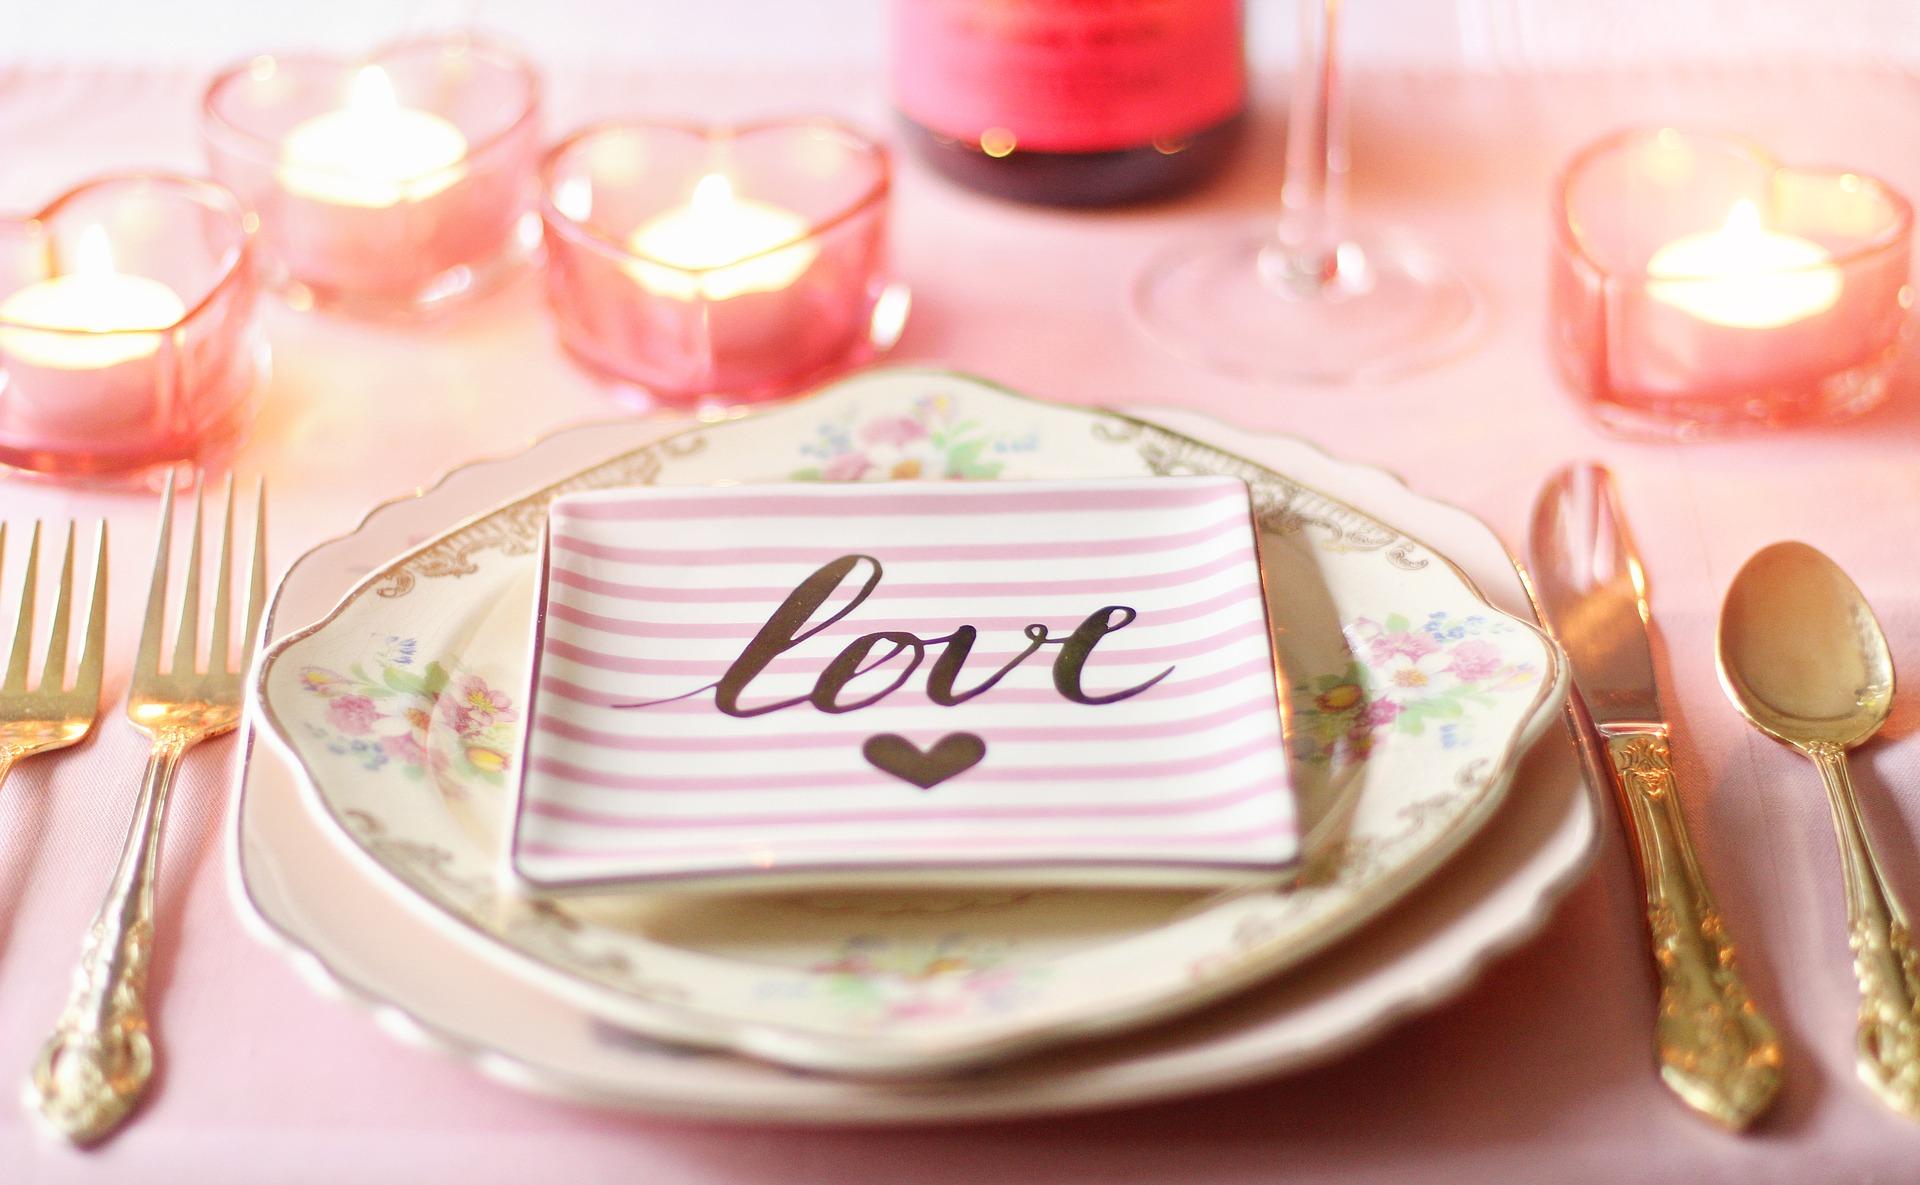 Przez żołądek do serca czyli dania na romantyczną kolację